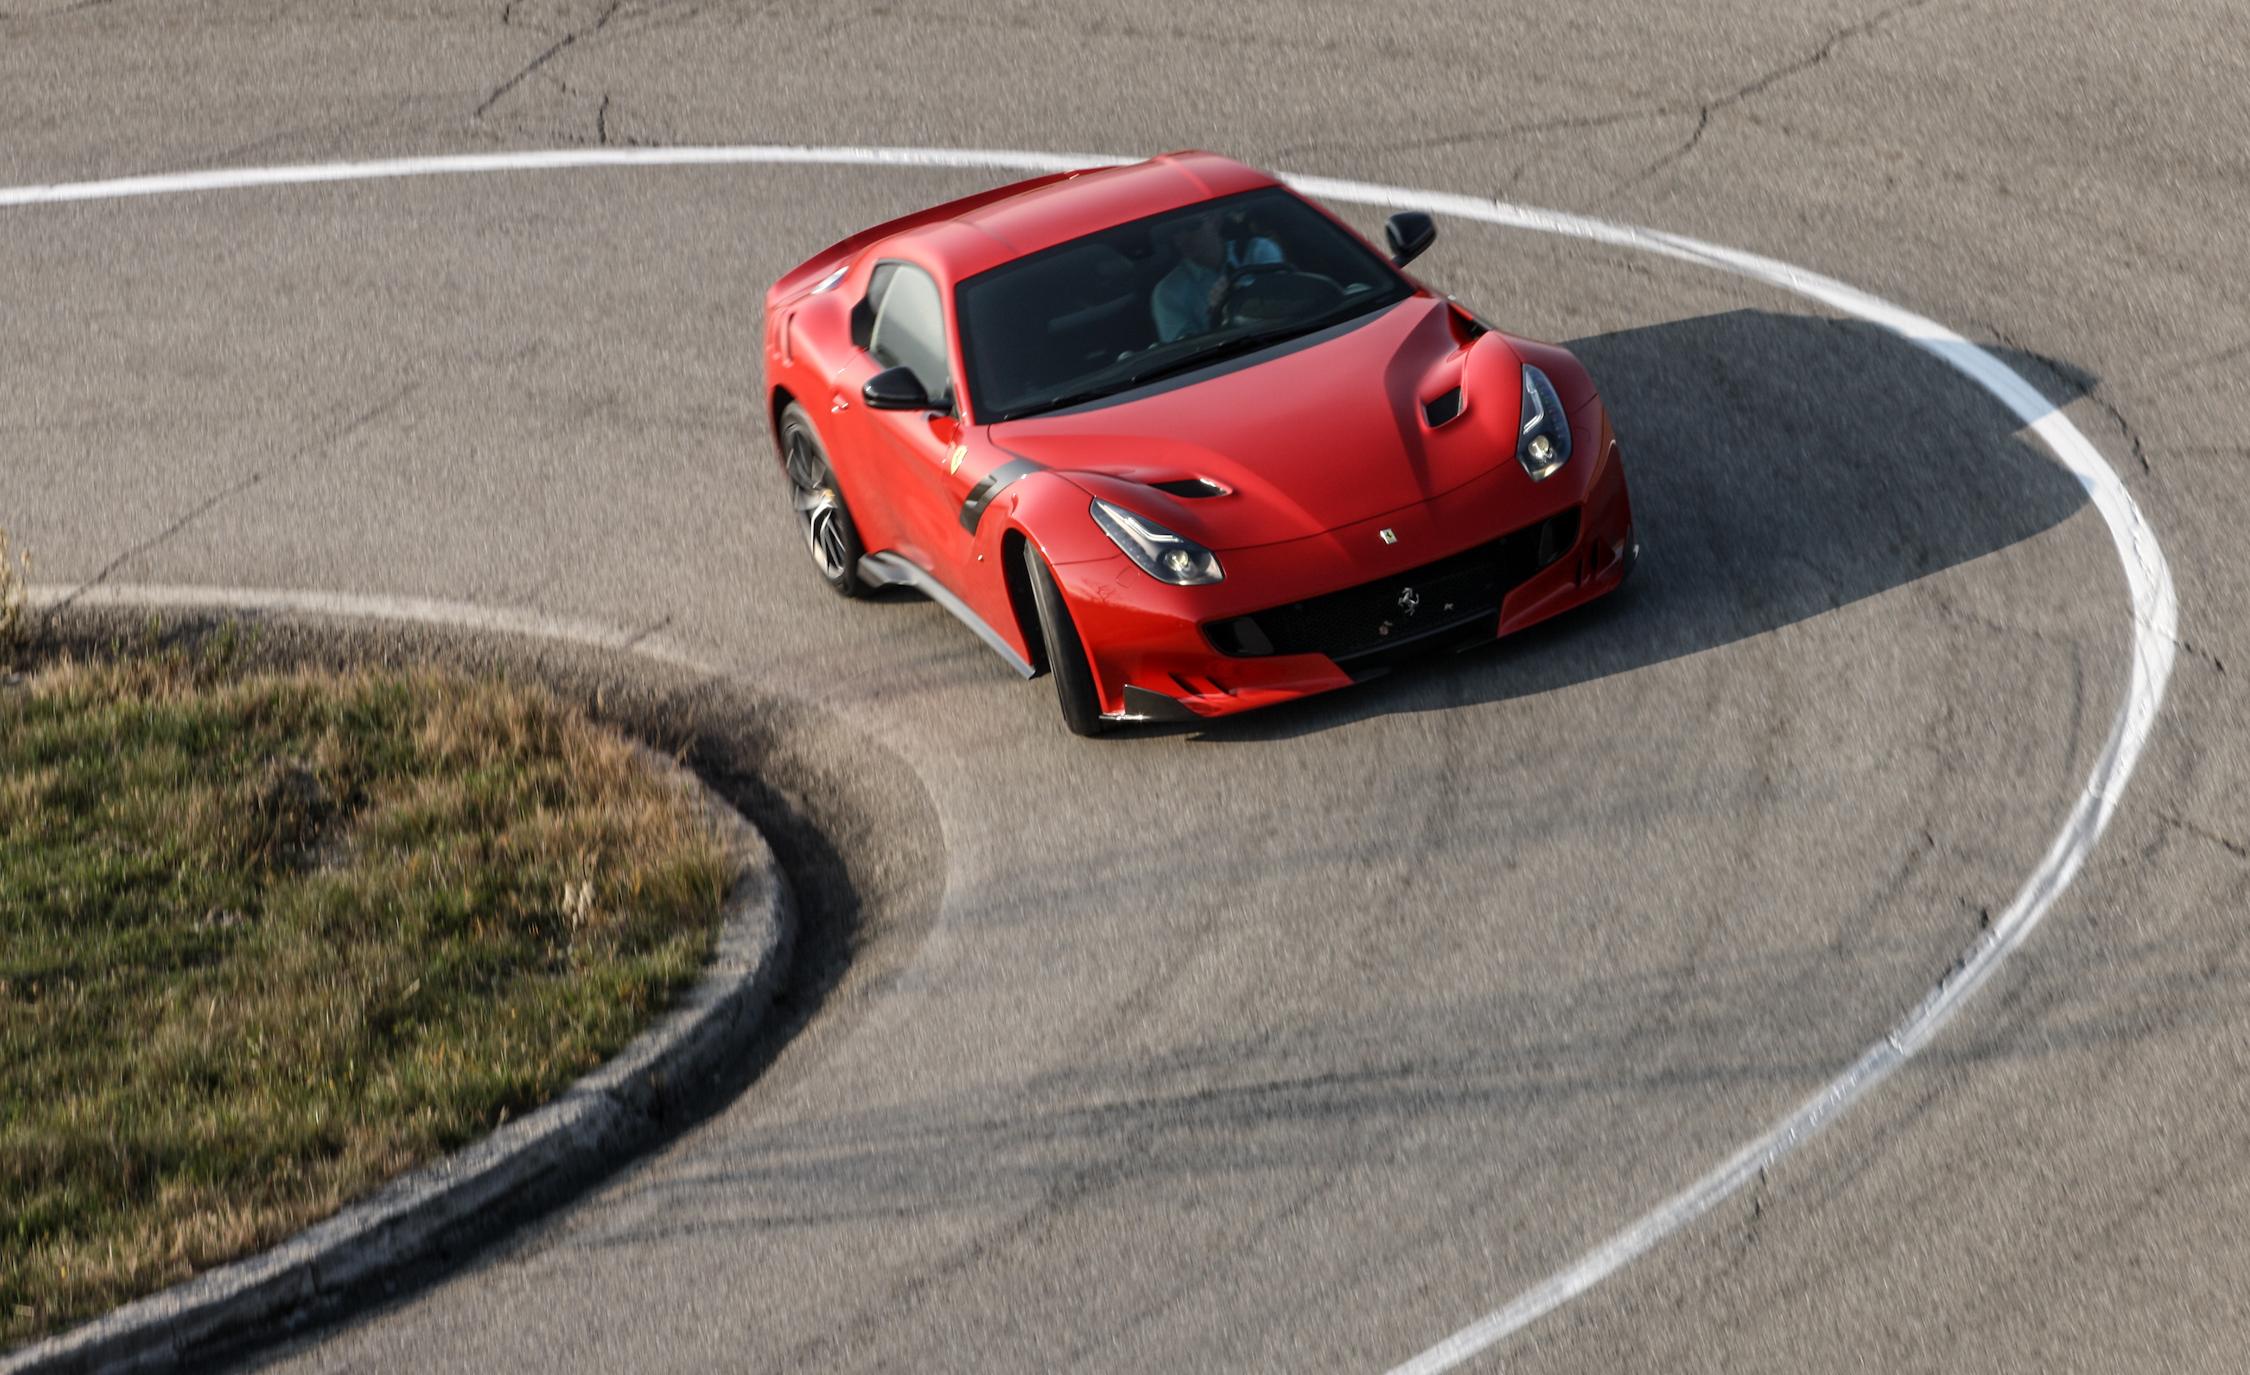 2016 Ferrari F12tdf Performance